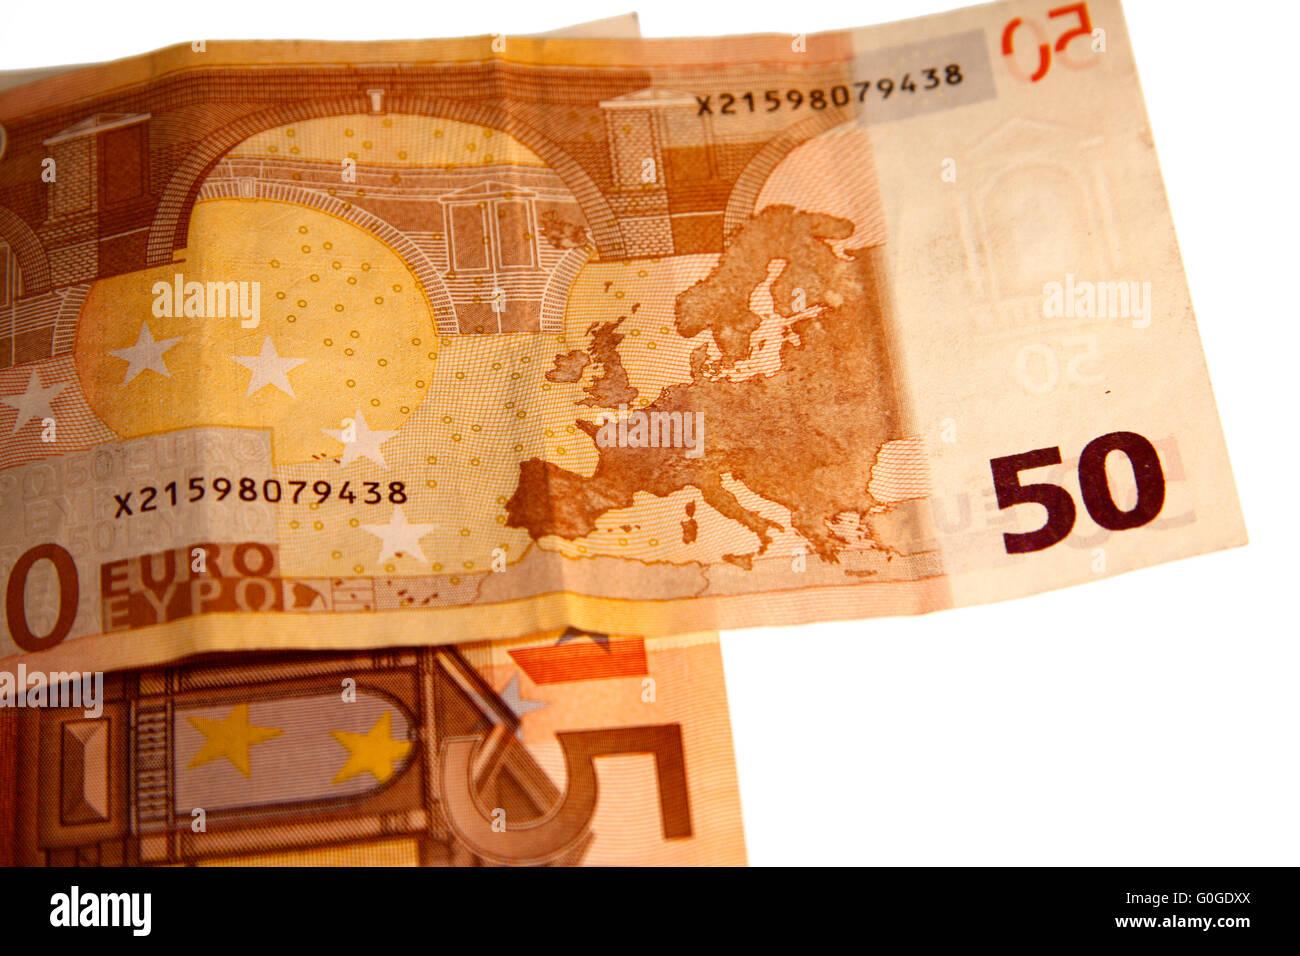 50 Euro-Scheine - Symbolbild Geld. Stock Photo